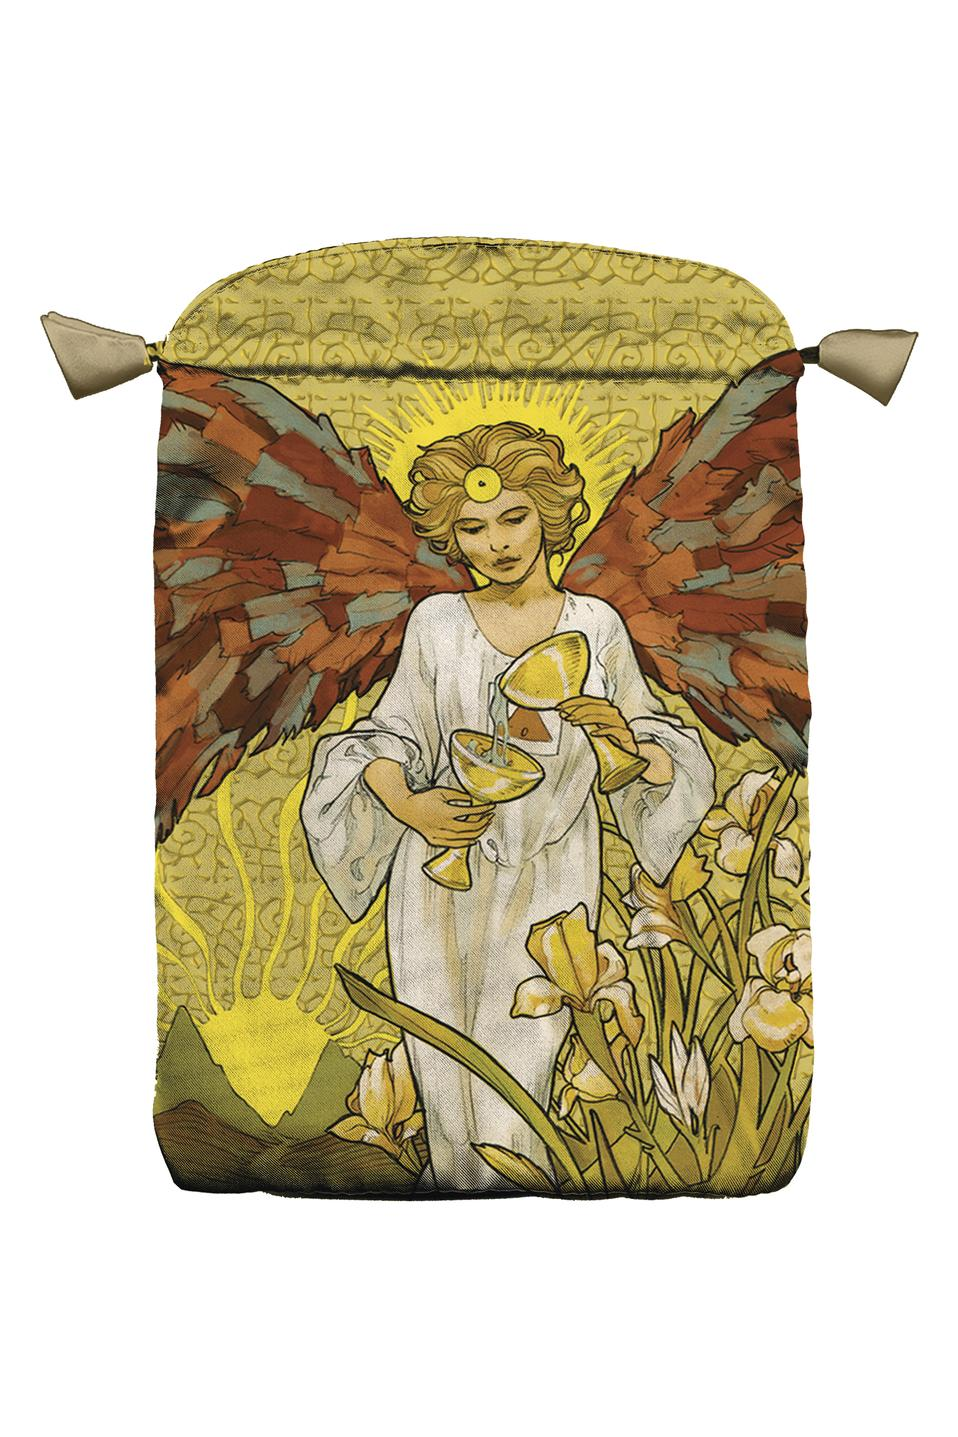 Tarotbuidel Art Nouveau Gold